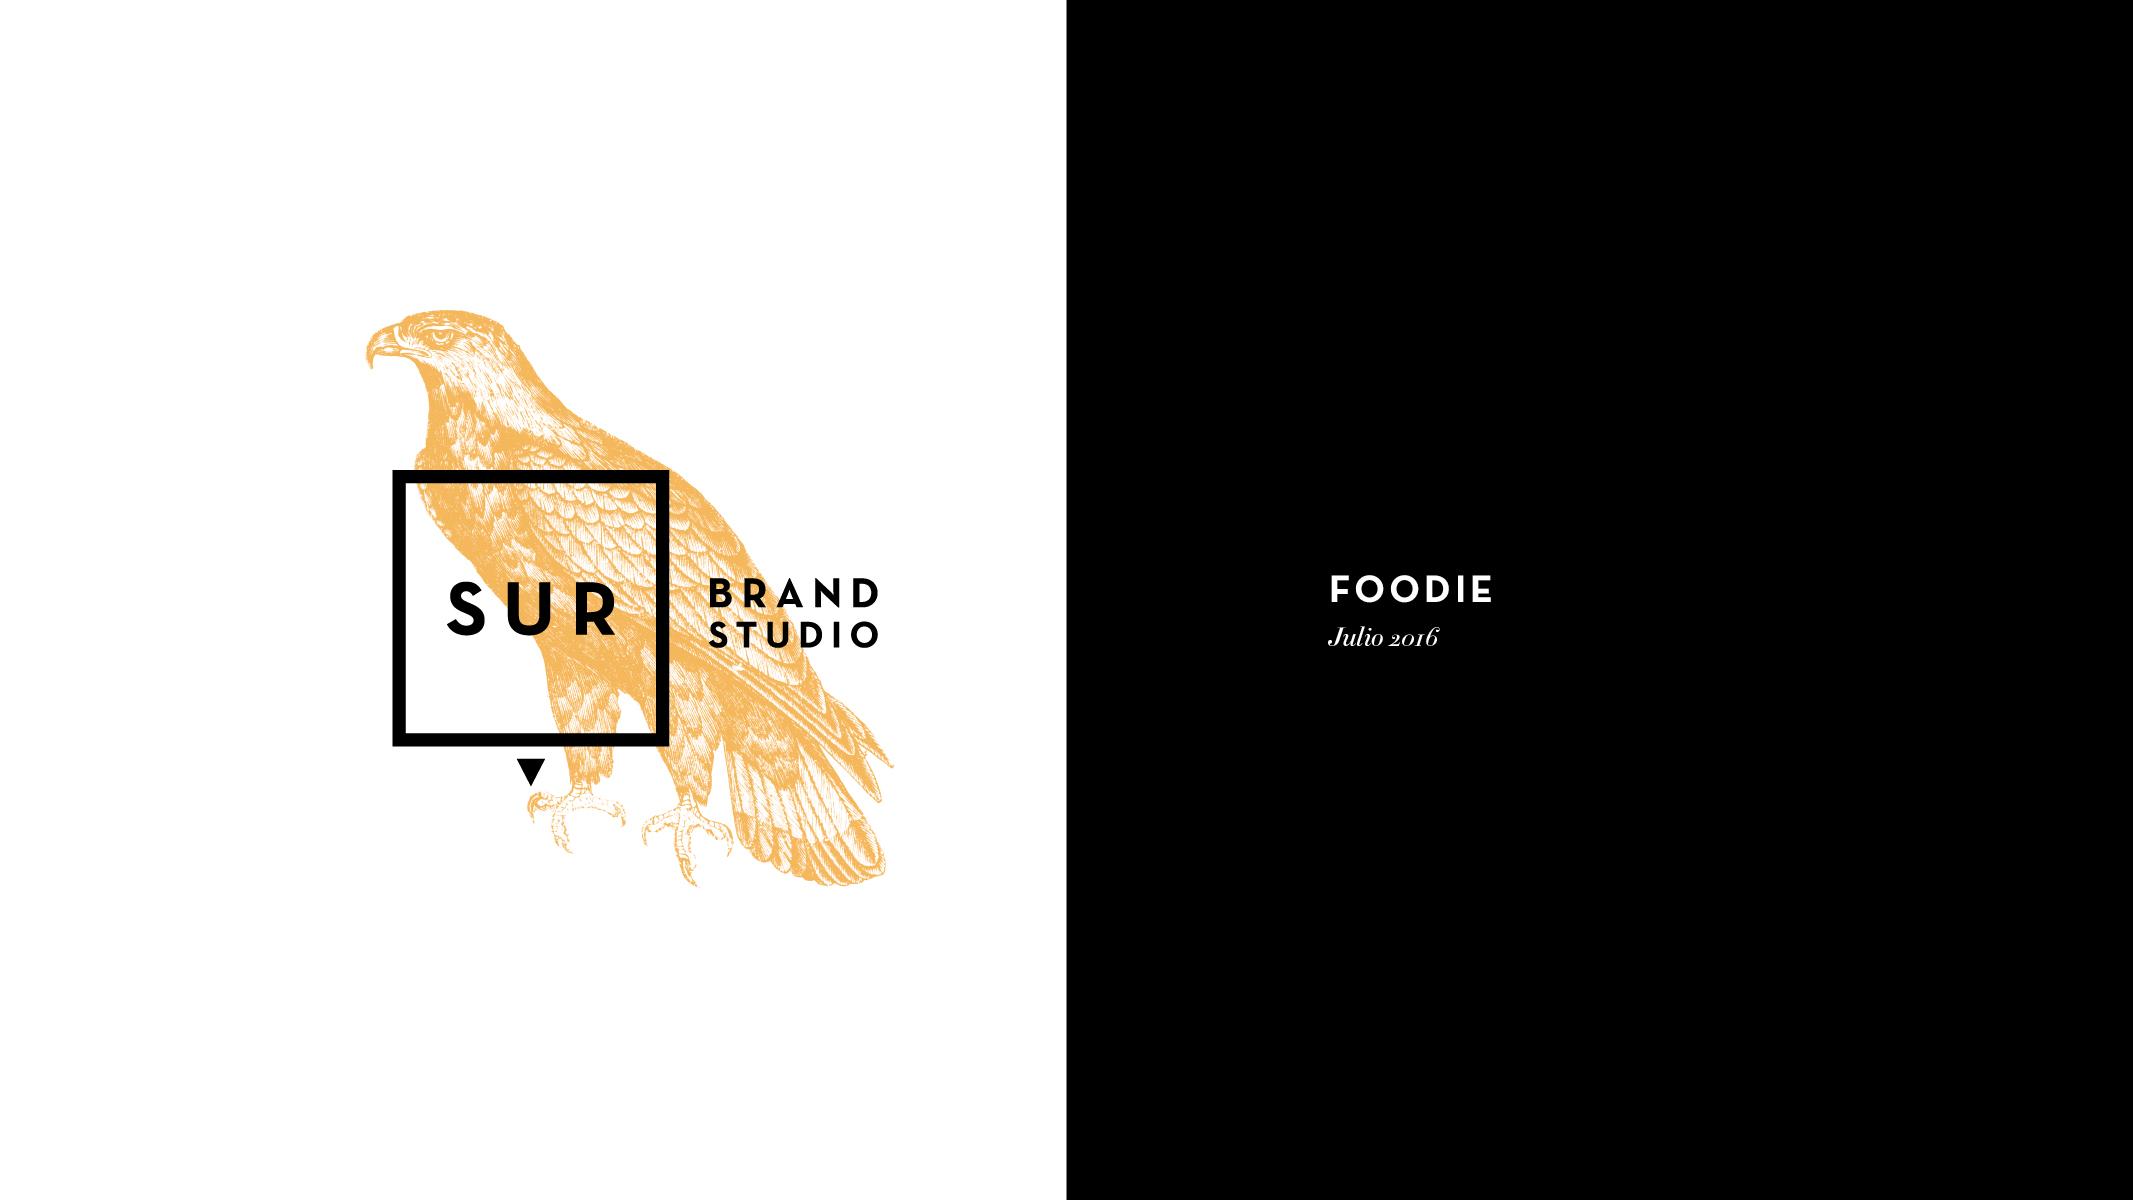 Pres Foodies design aprobada